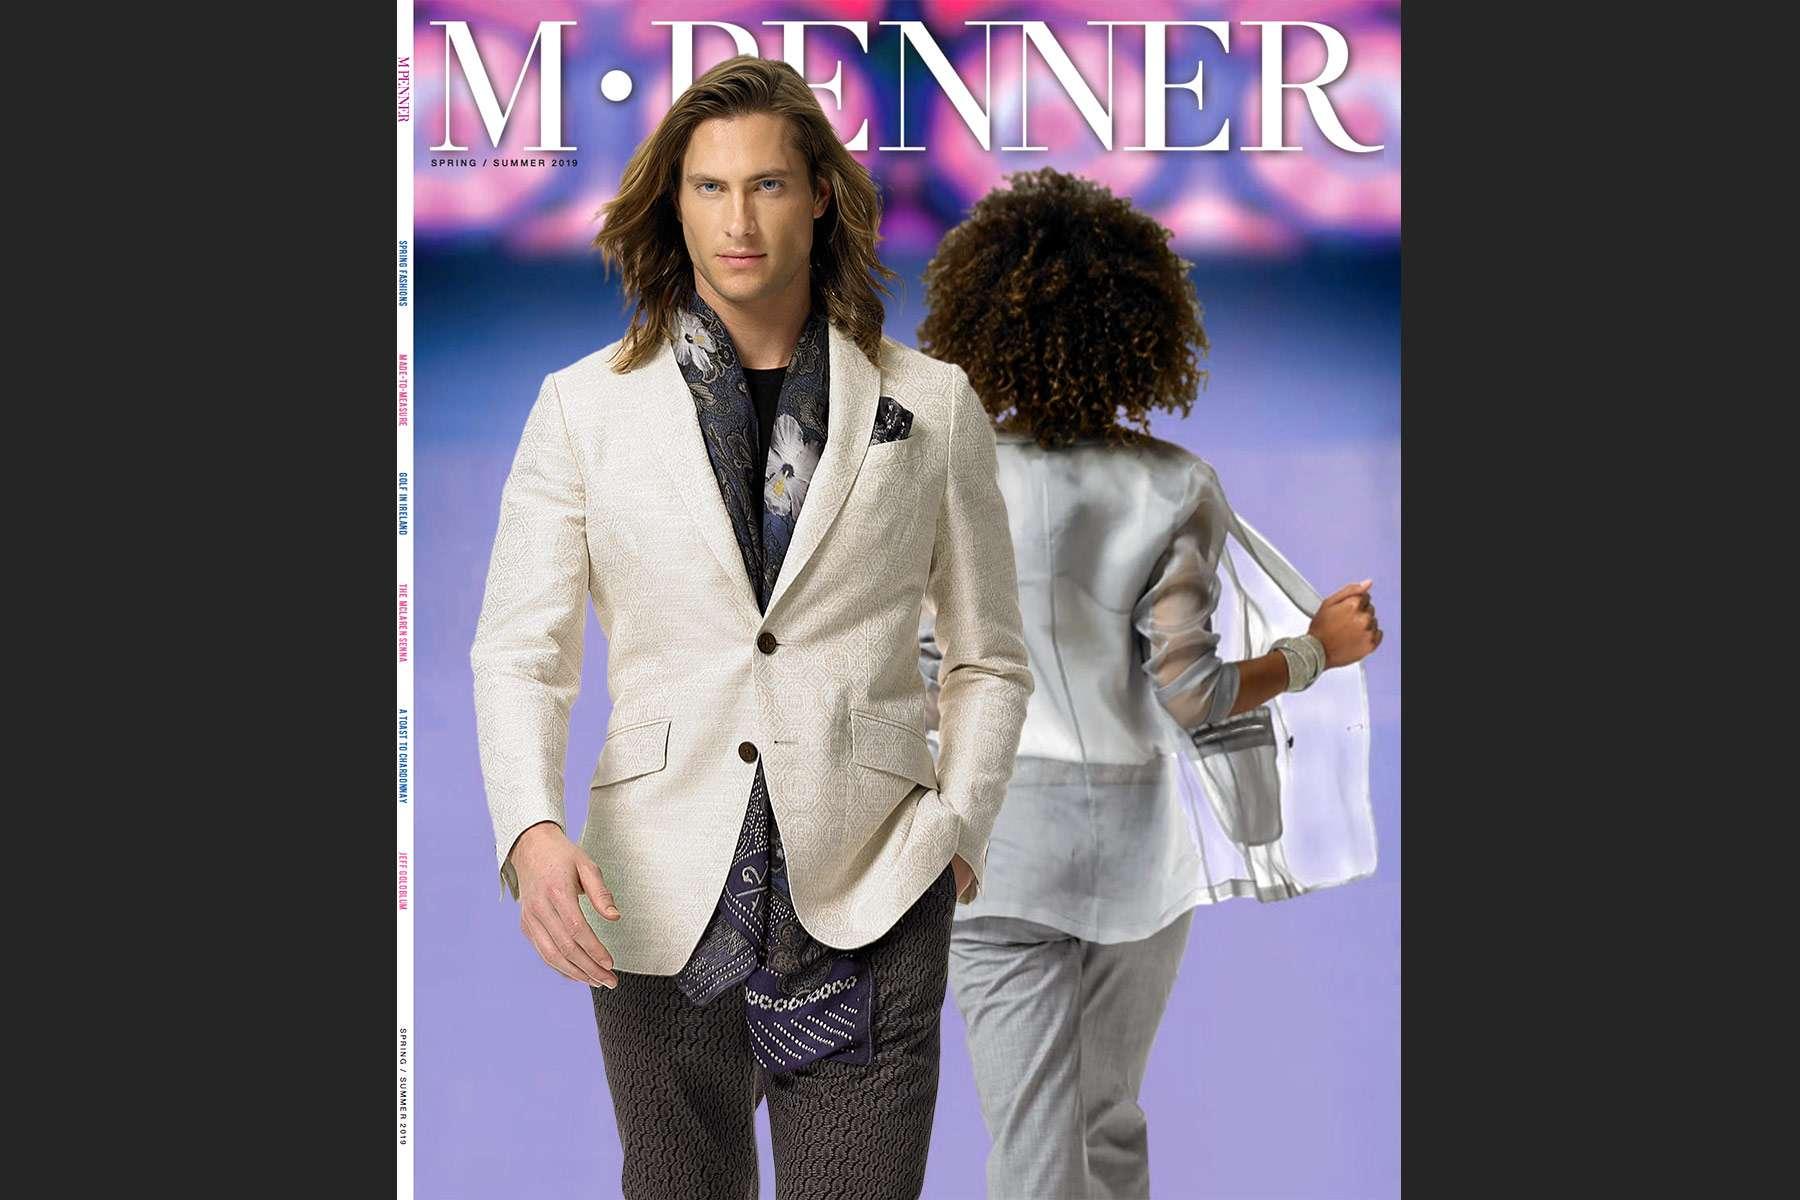 Penner-Cover-SS19-web.jpg